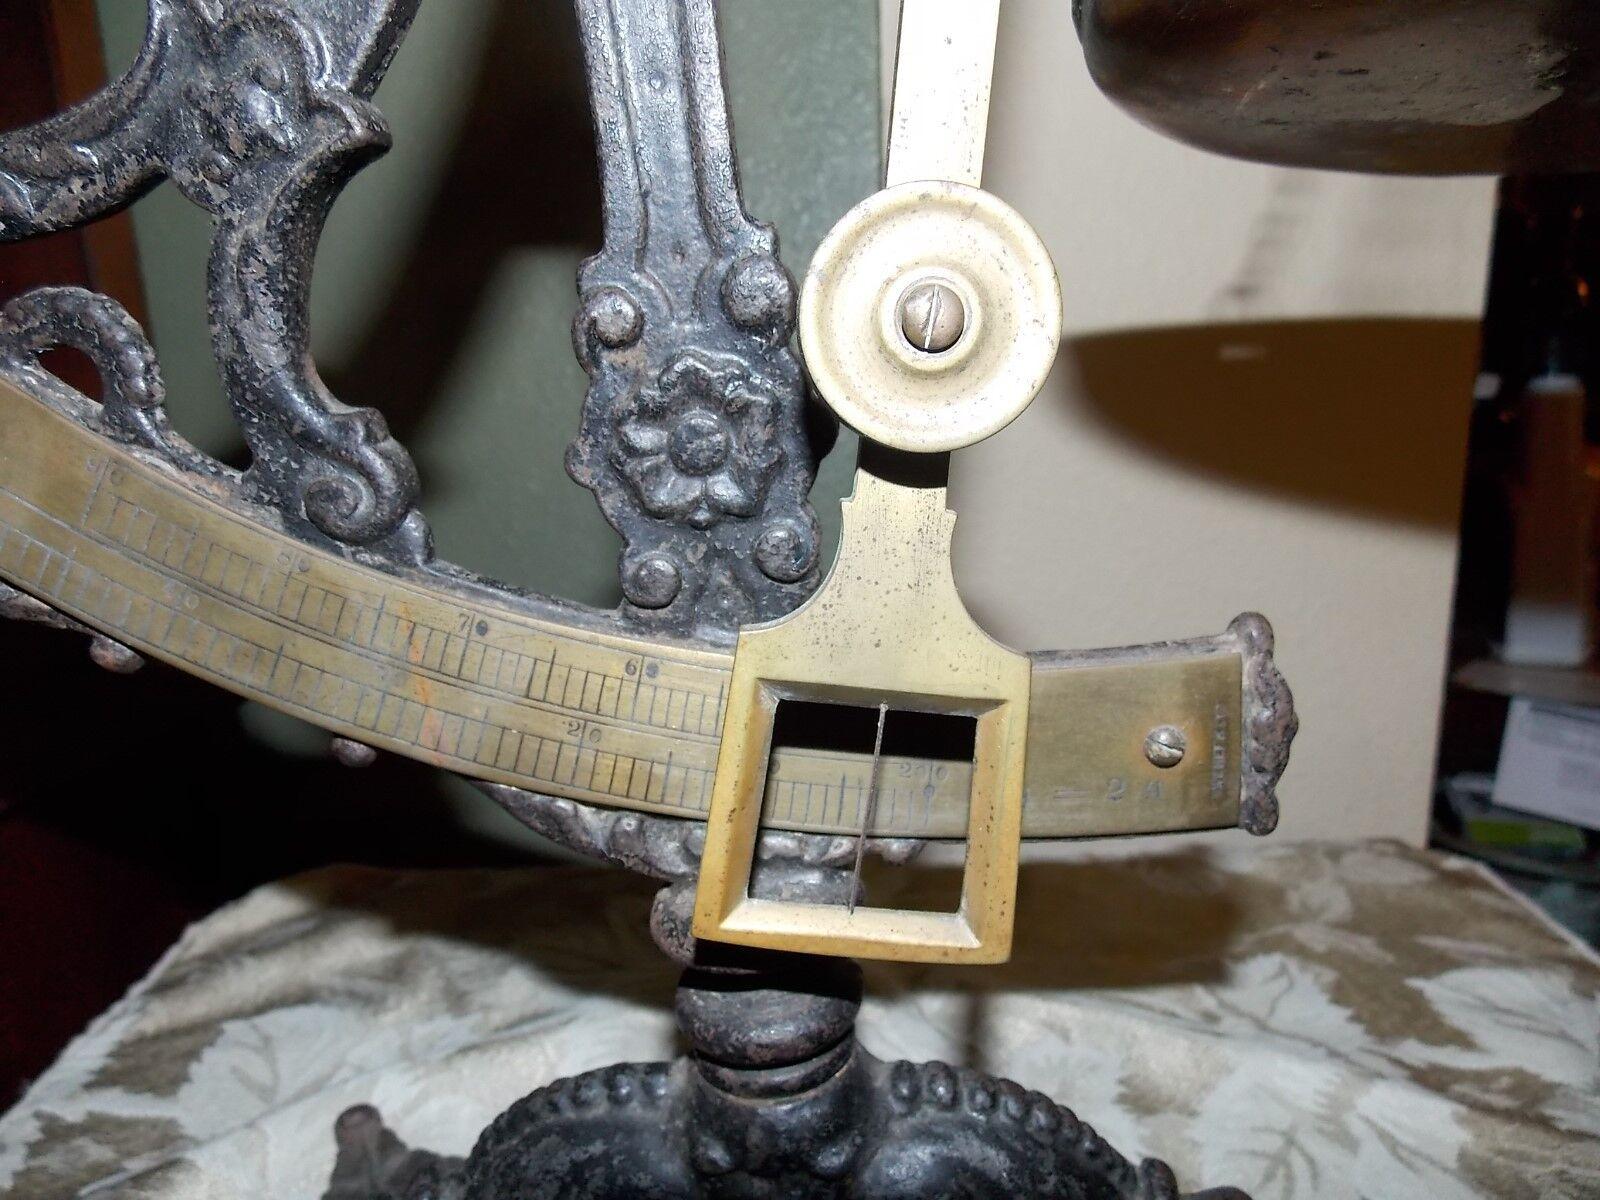 0-2000 Grams, Chatillon L72 Spring Scale 0-72 Ounces